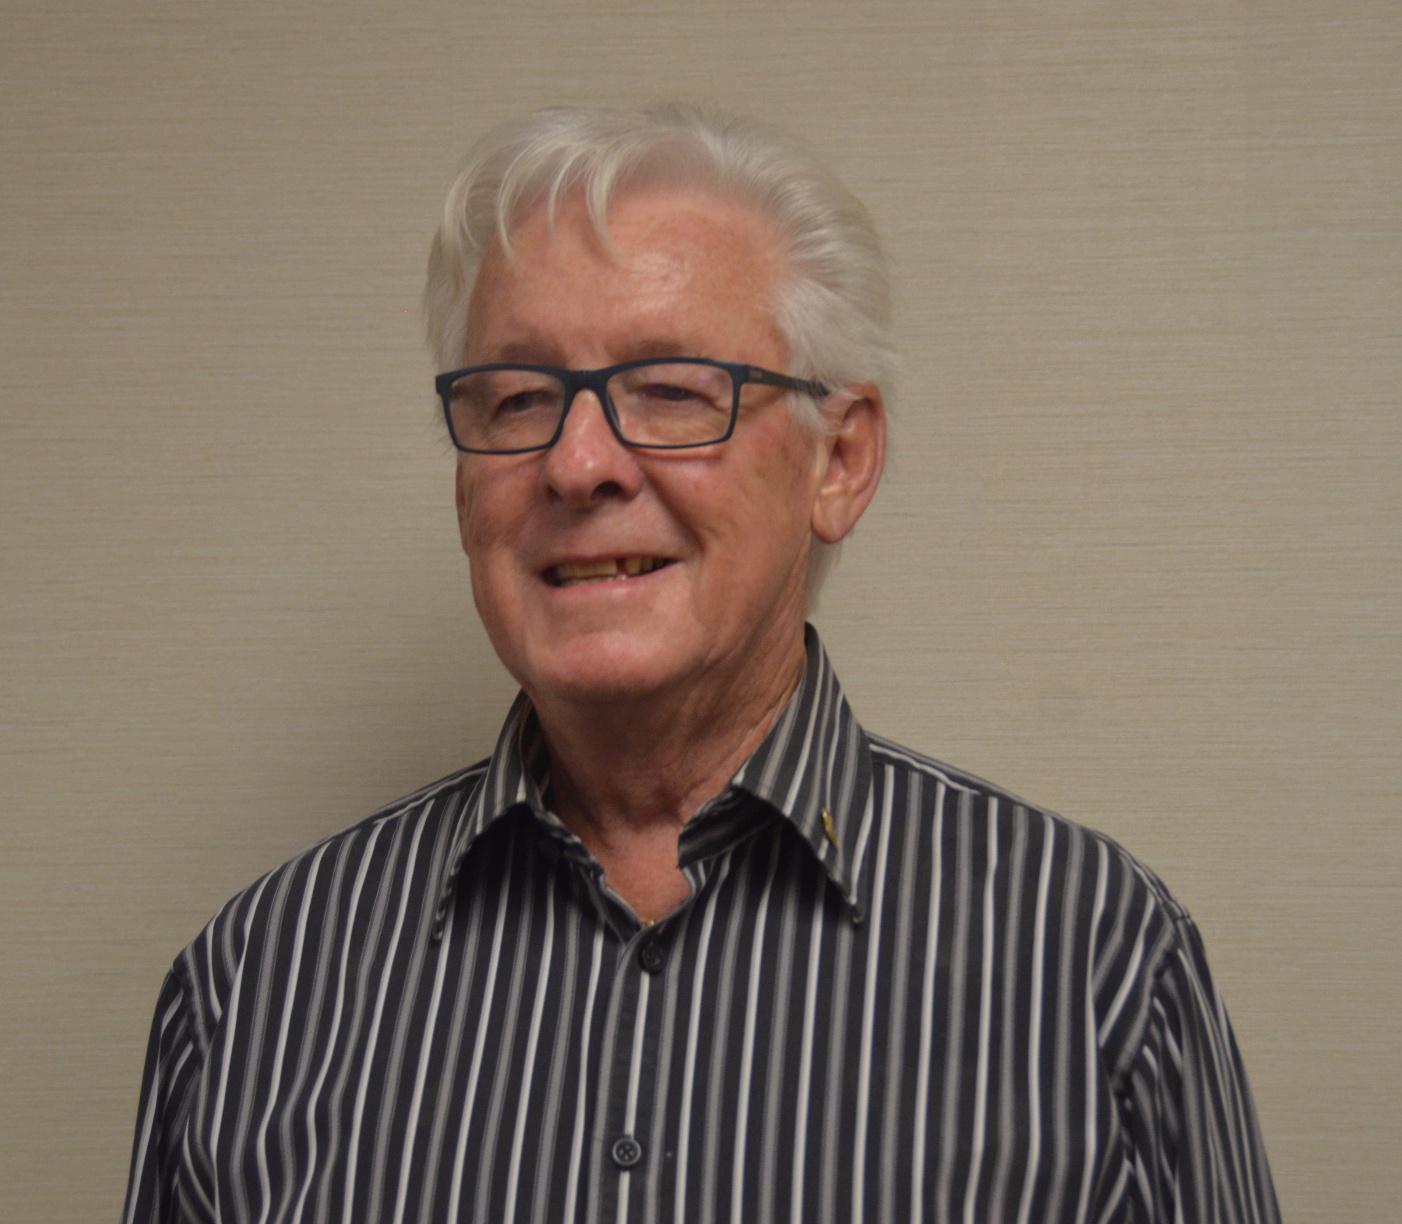 Président du 2e Super Salon Kinsmen en 1970  Président du 50e Super Salon Kinsmen 2018